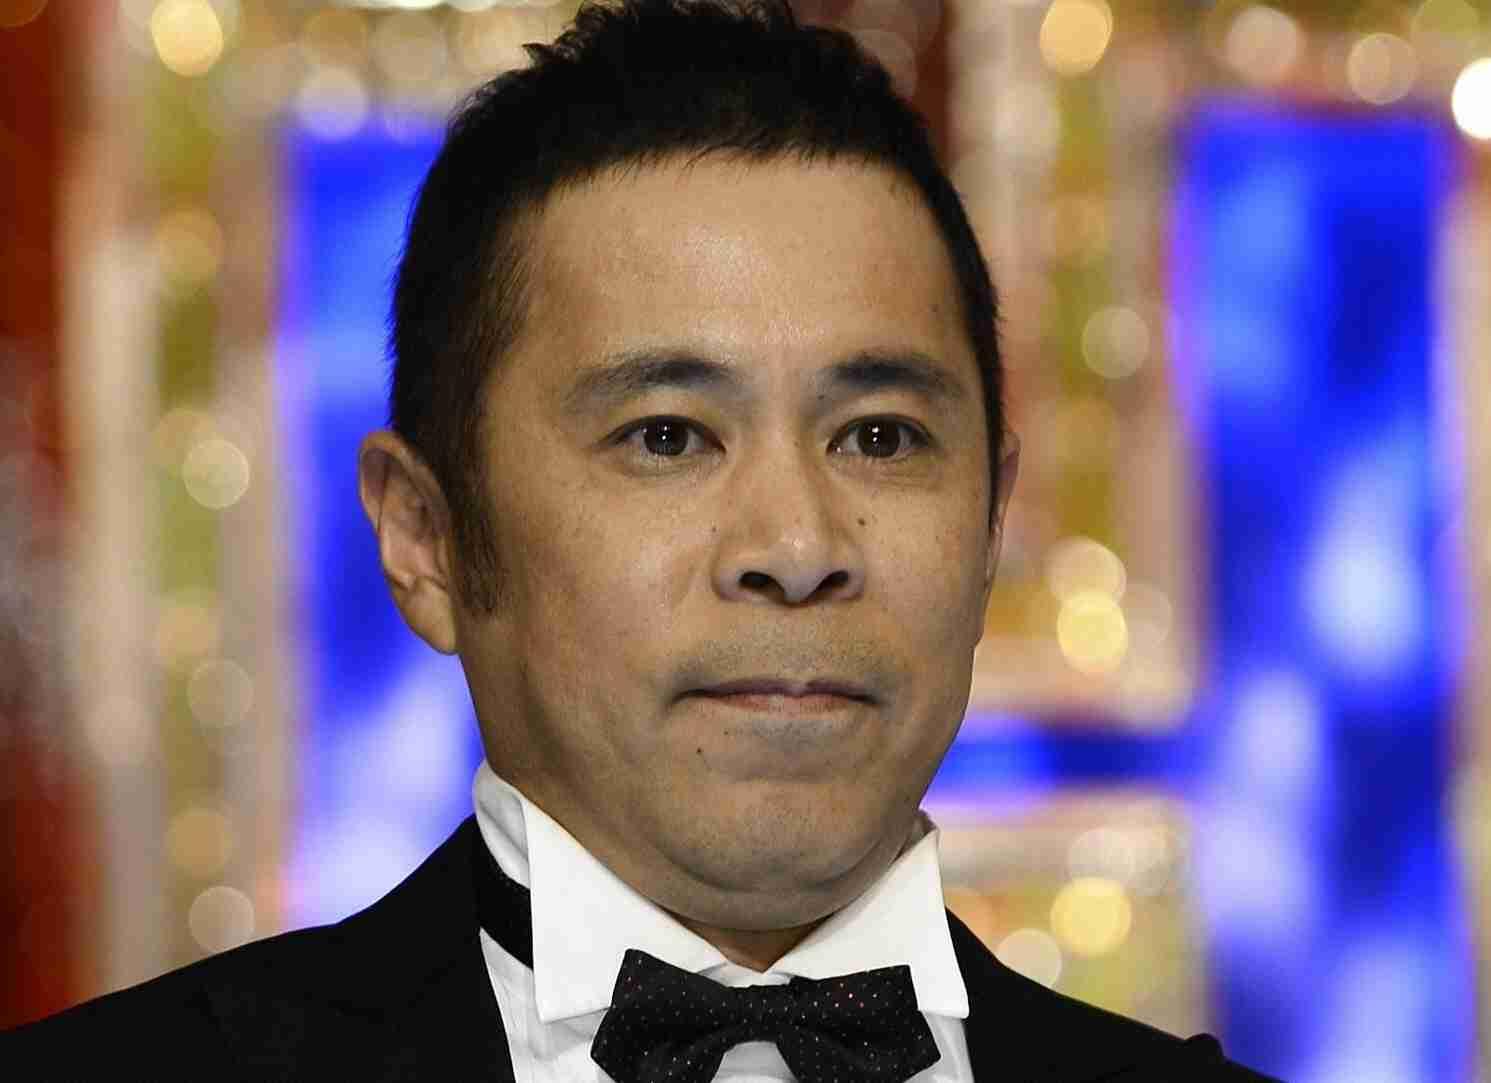 ナイナイ岡村隆史、意味深発言「仕事整理したいな」冷蔵庫の中は水だけ (デイリースポーツ) - Yahoo!ニュース